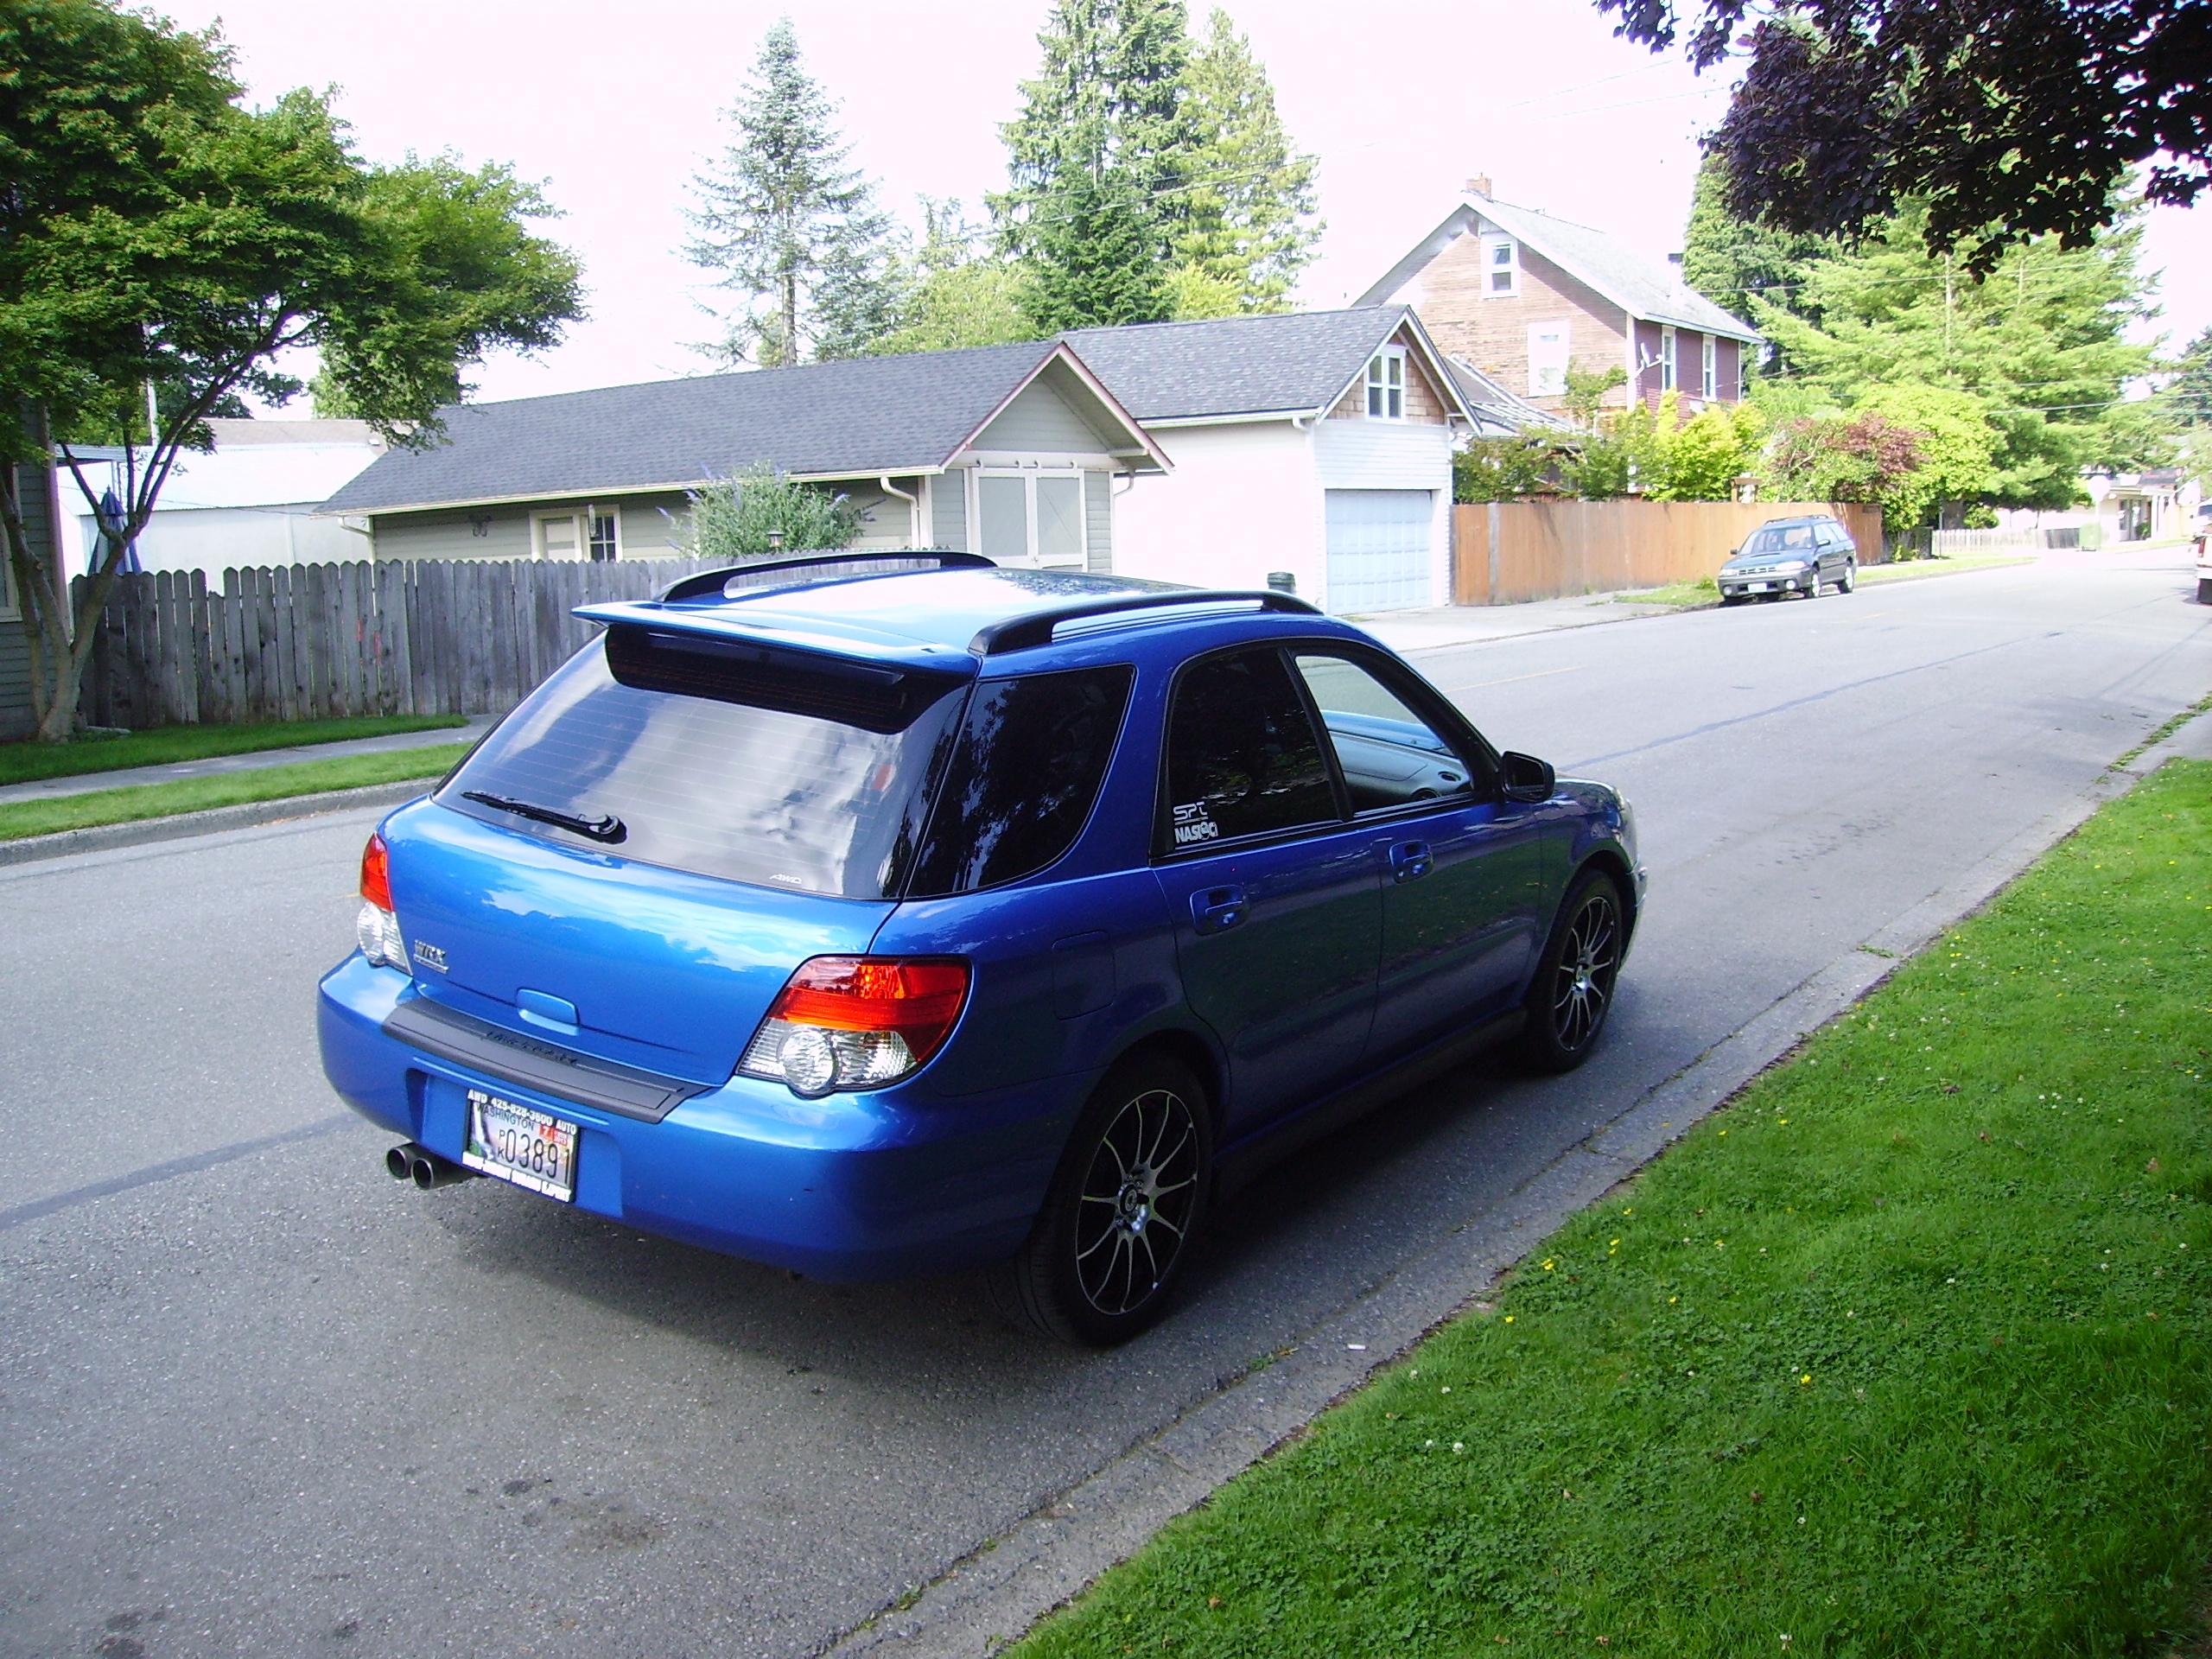 2004 Subaru Impreza Wrx Wagon Awd Auto Sales